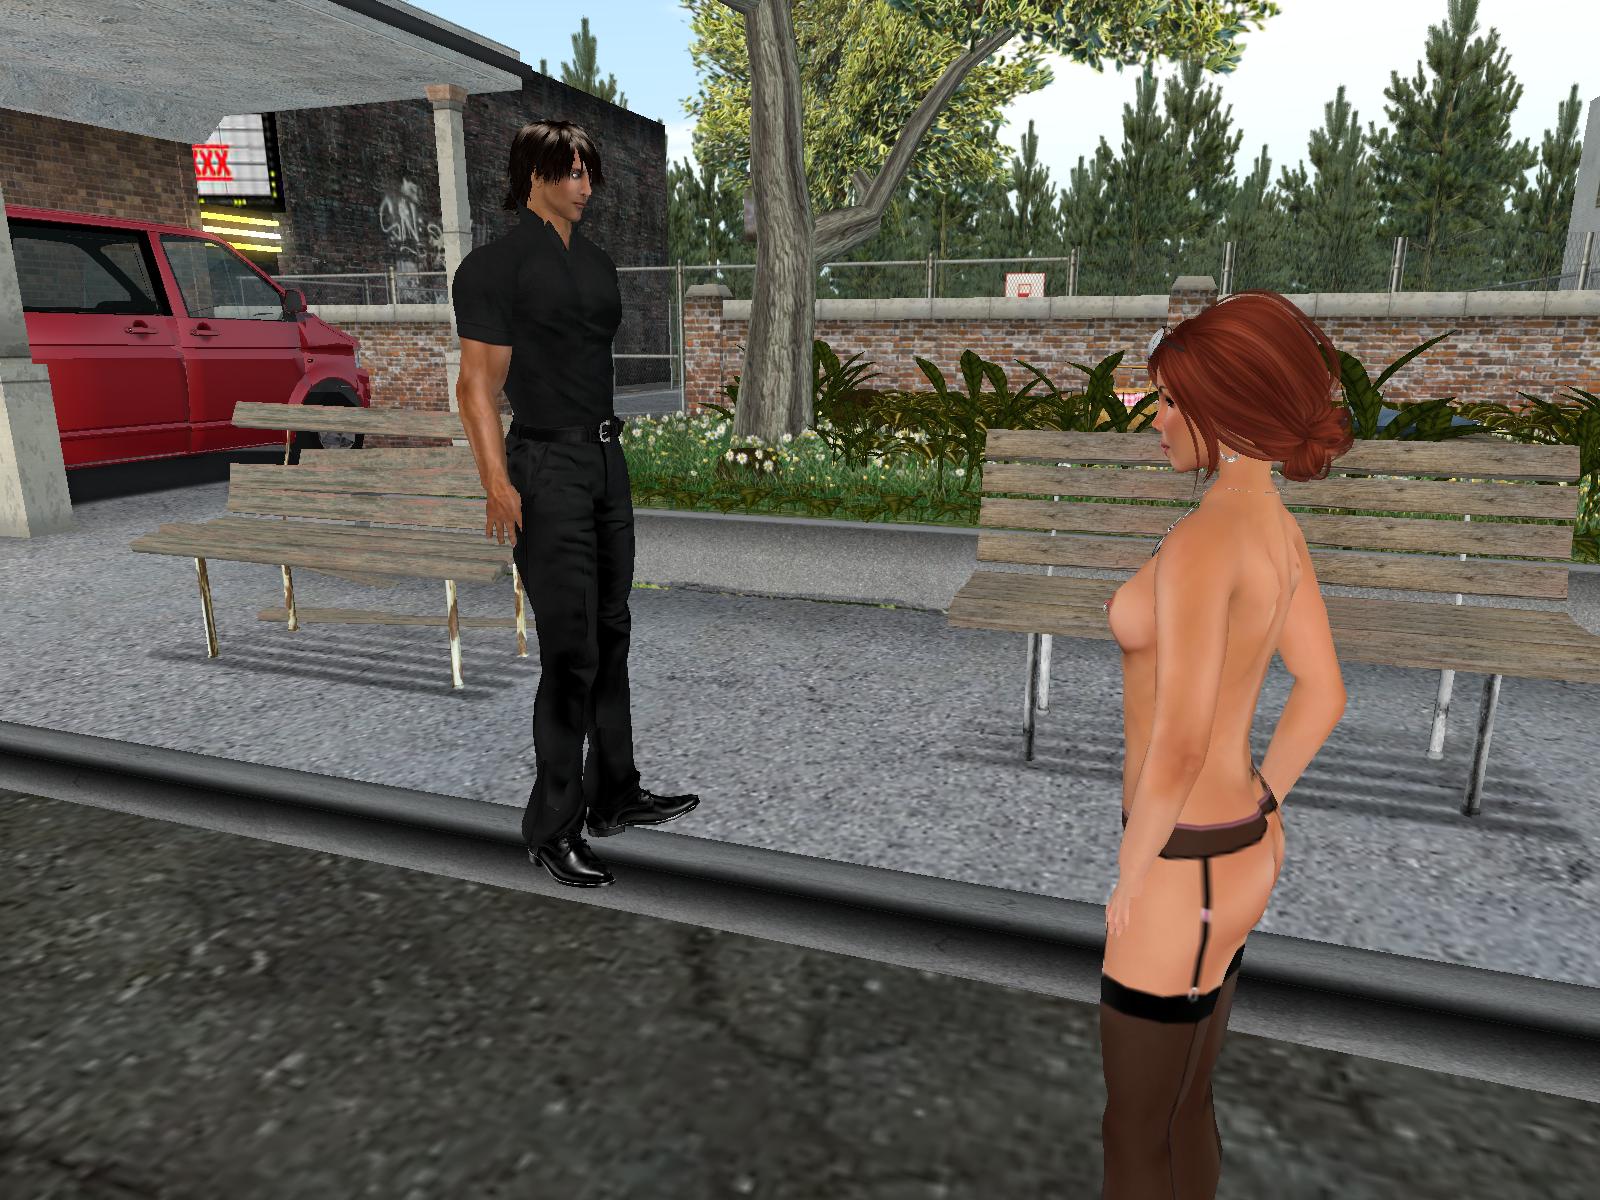 Nude In Public Dares 21